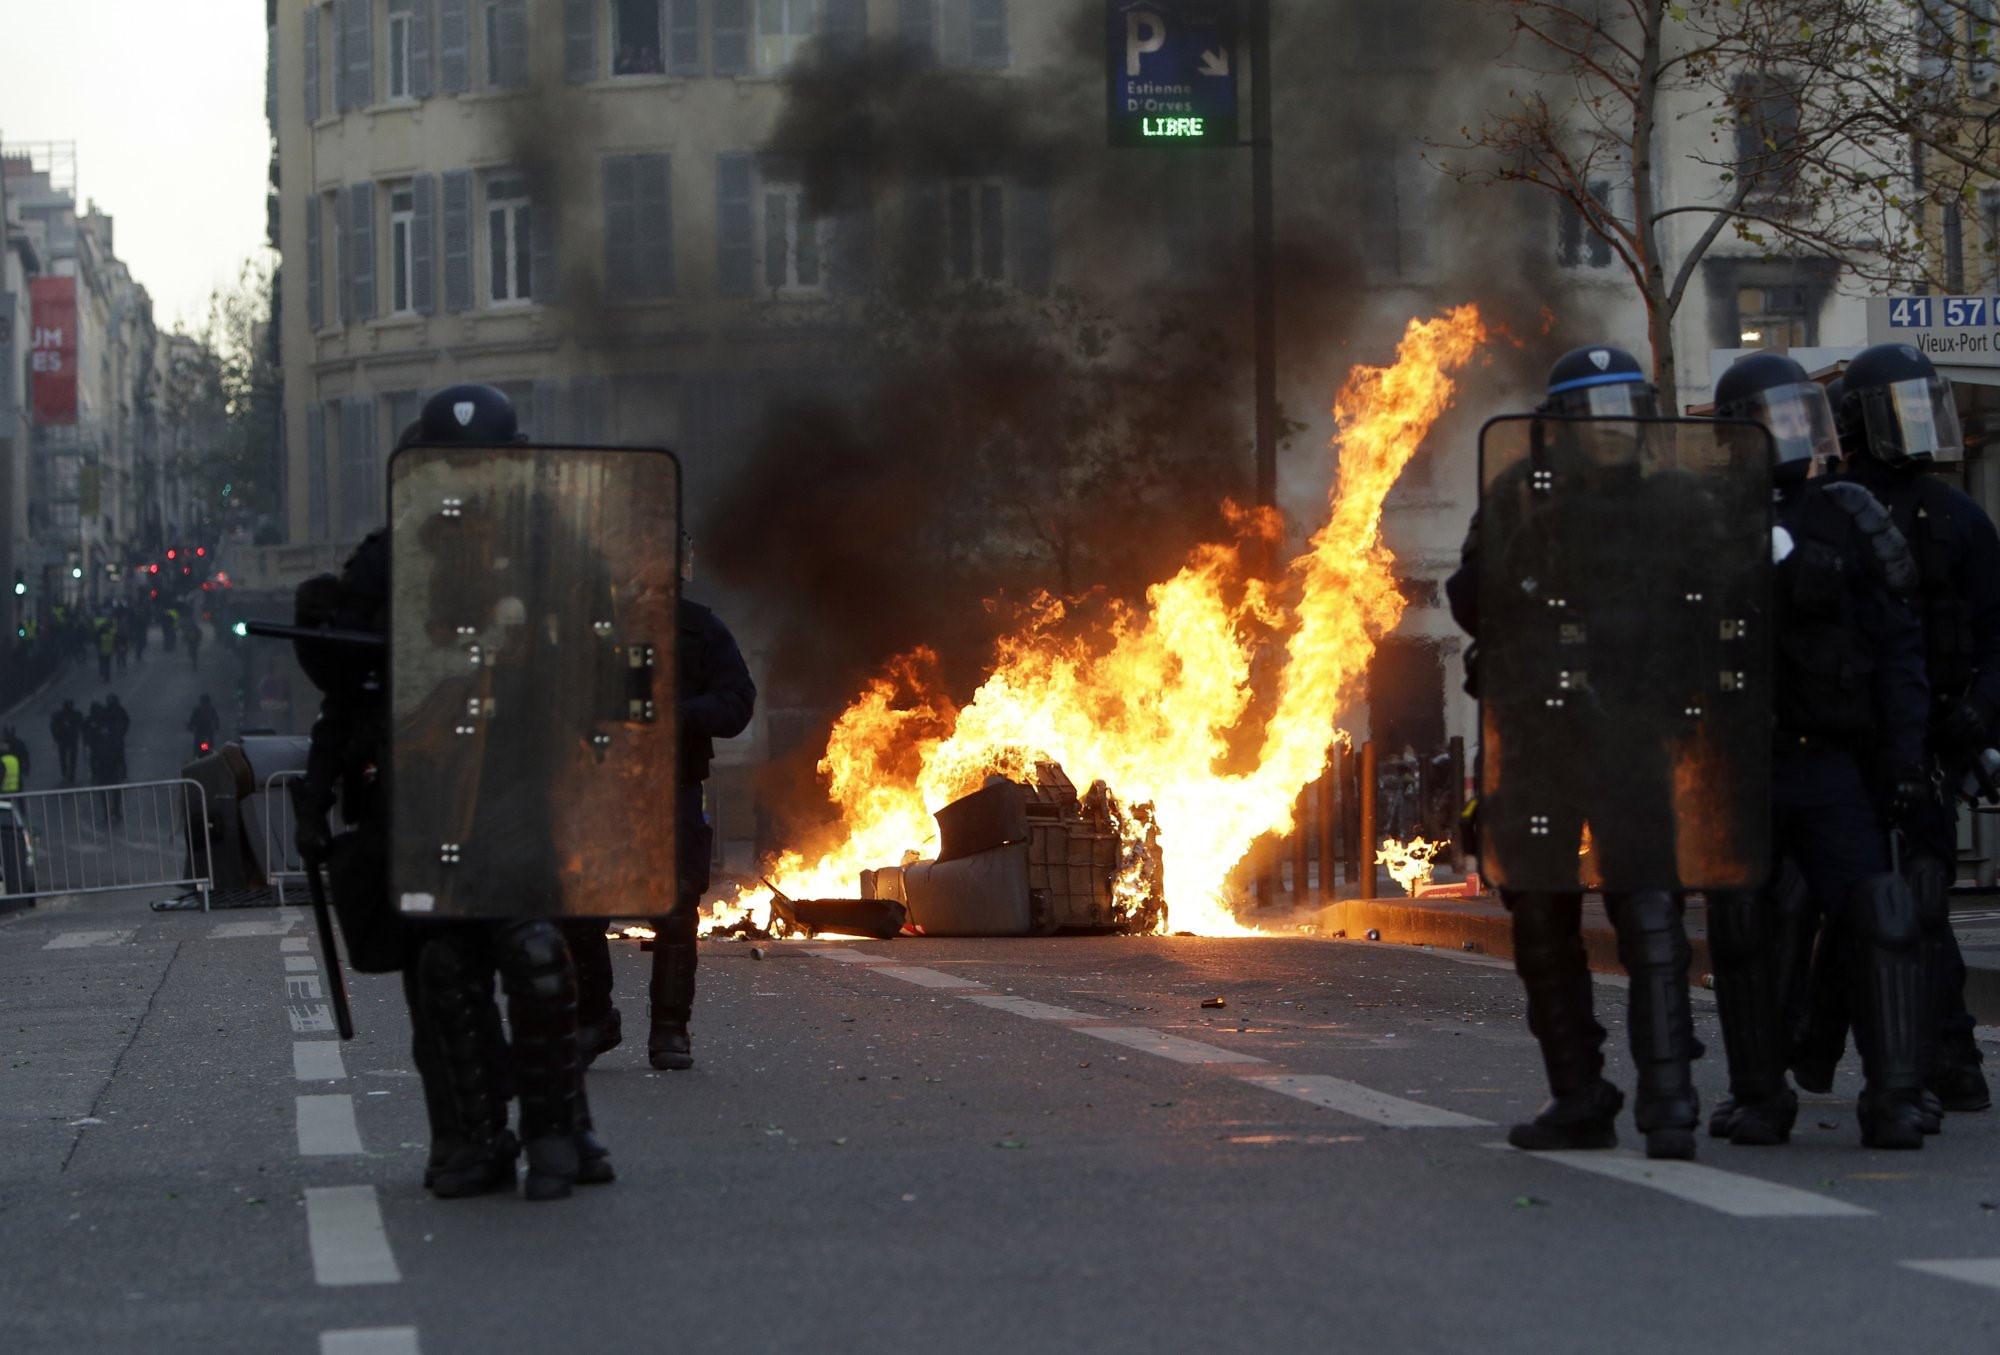 Pháp lo sợ bạo loạn thành 'thảm họa', bắt giữ hơn 1.700 người